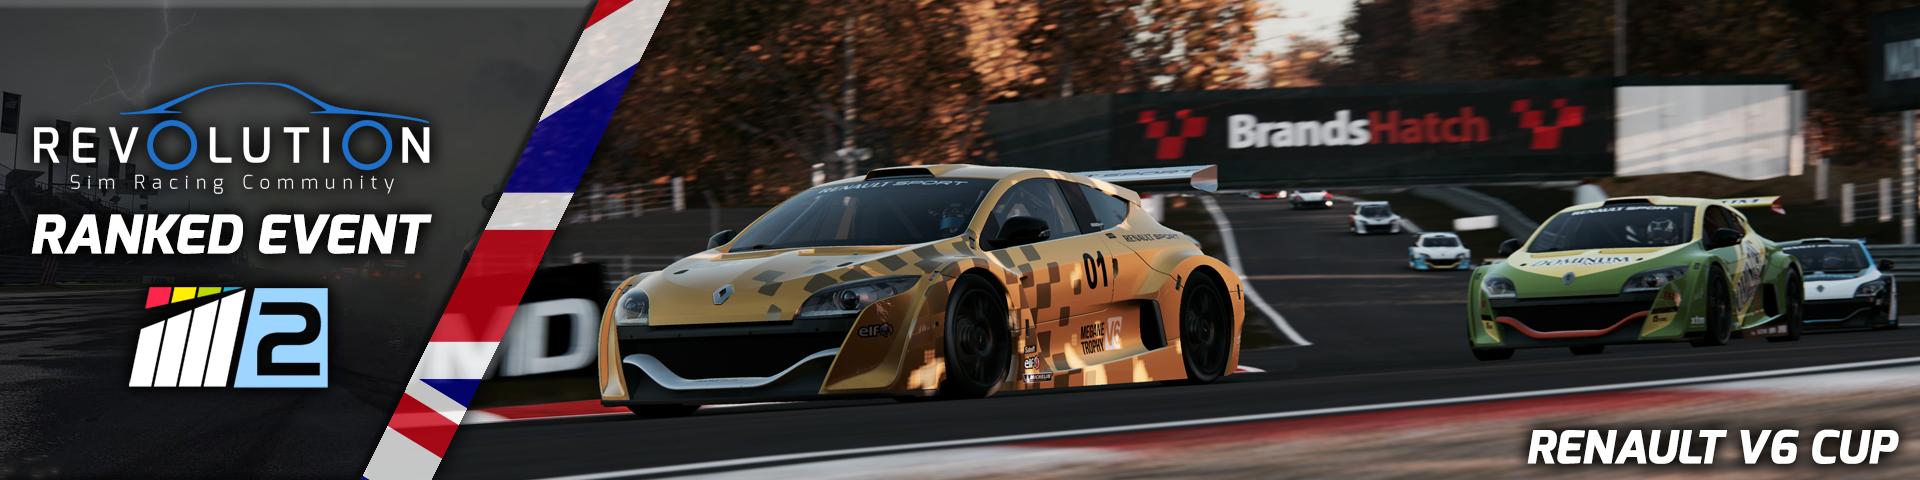 Banner - Renault V6 Cup.png